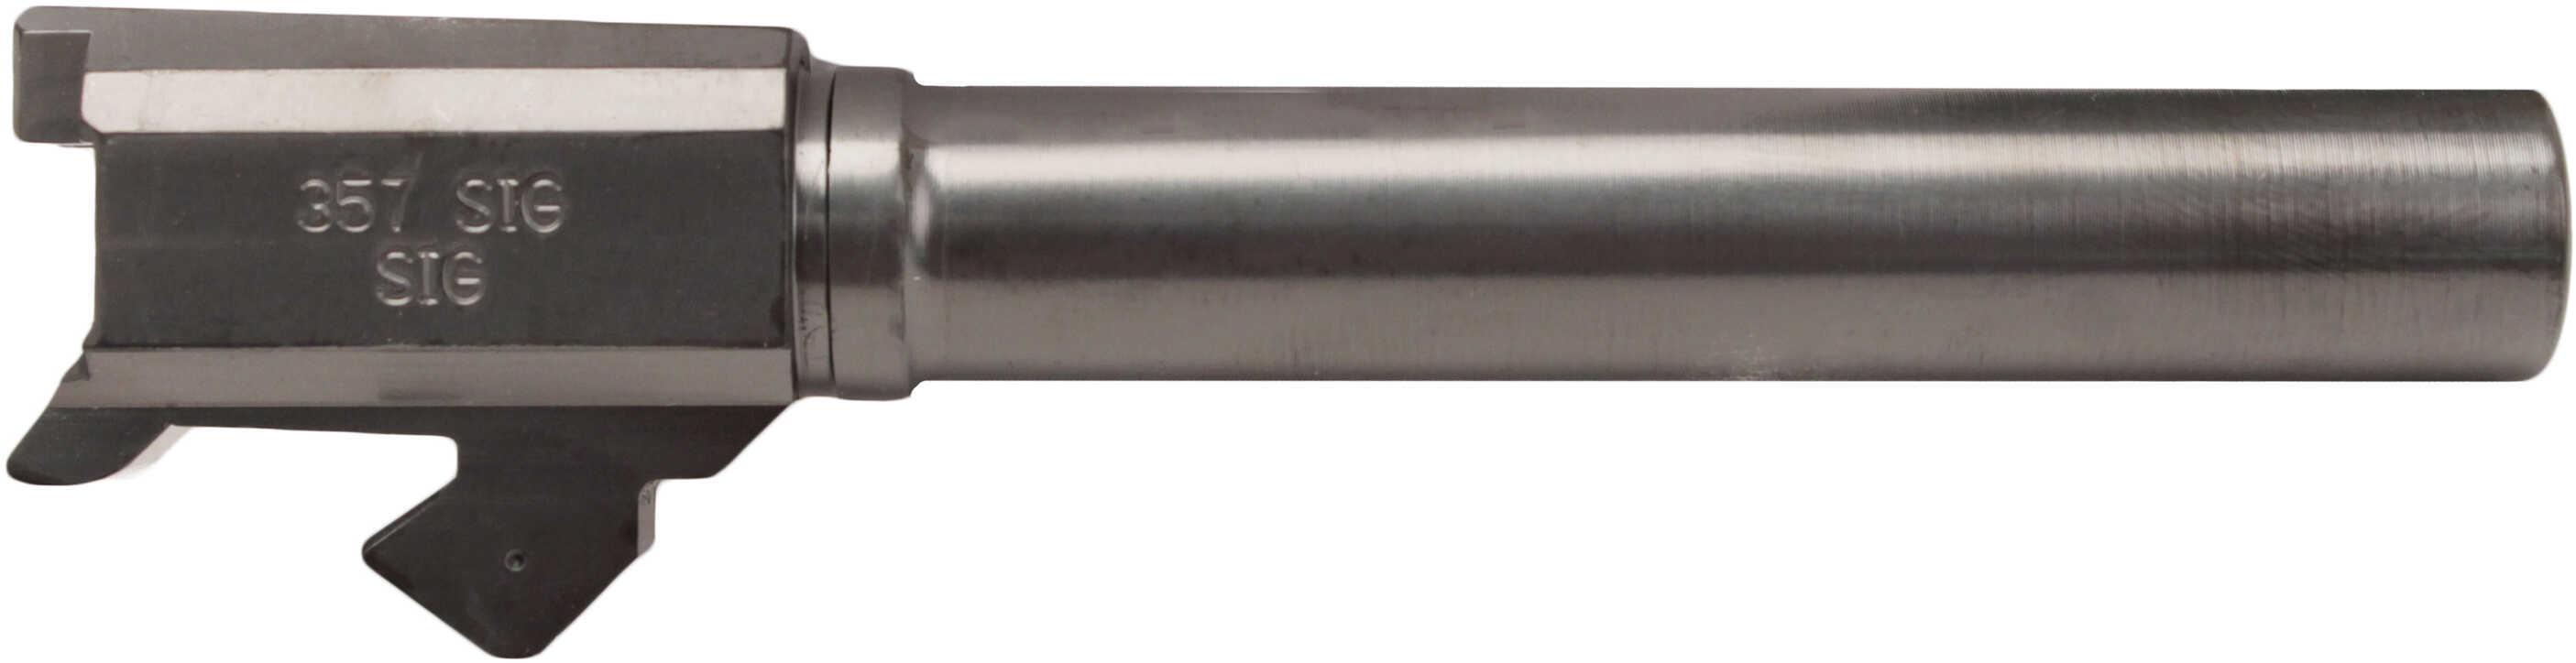 """Sig Sauer 4.4"""" Barrel P226 .357 Sig Broached Blued BBL226357"""